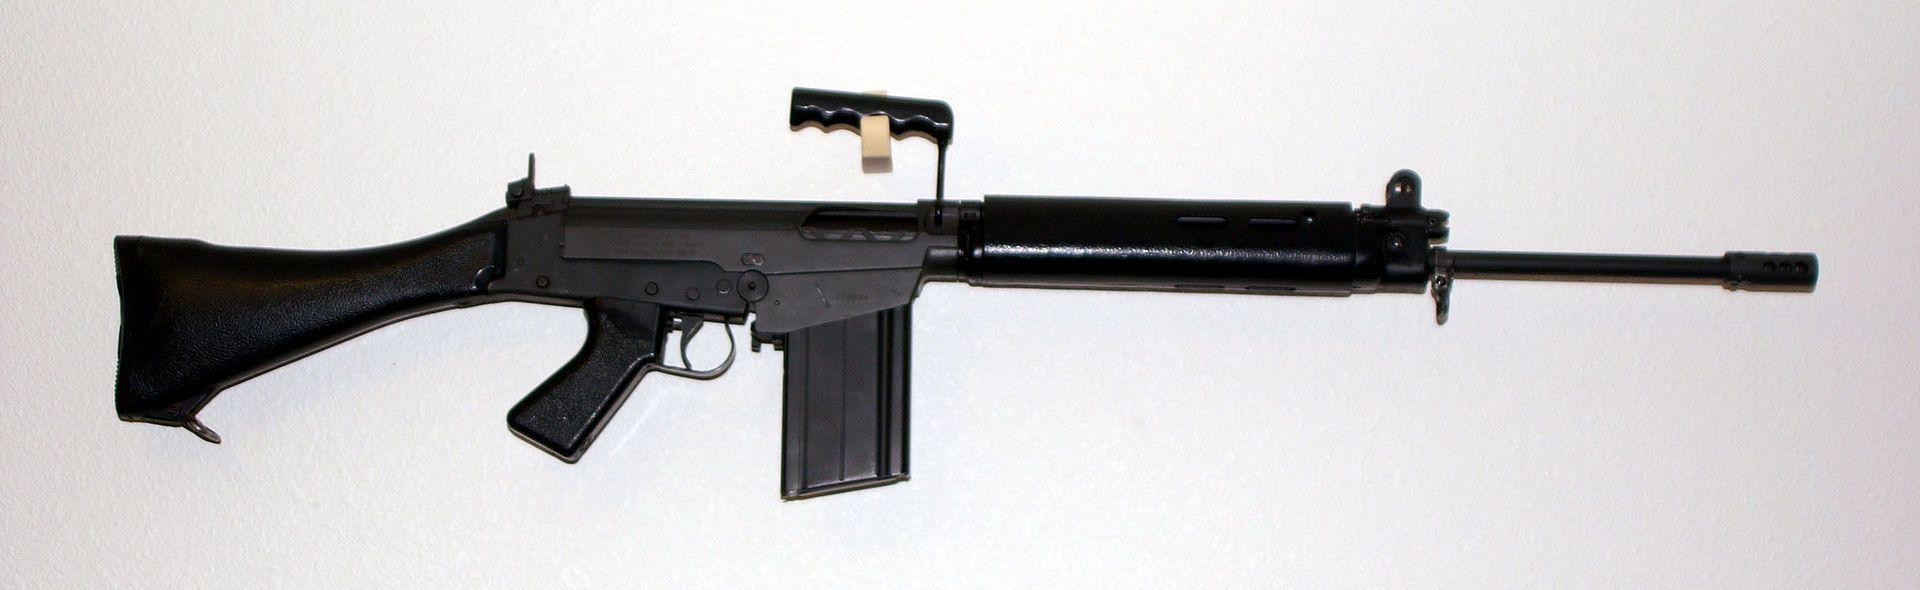 Pin by RAE Industries on FN FAL | Fal rifle, Battle rifle, Guns